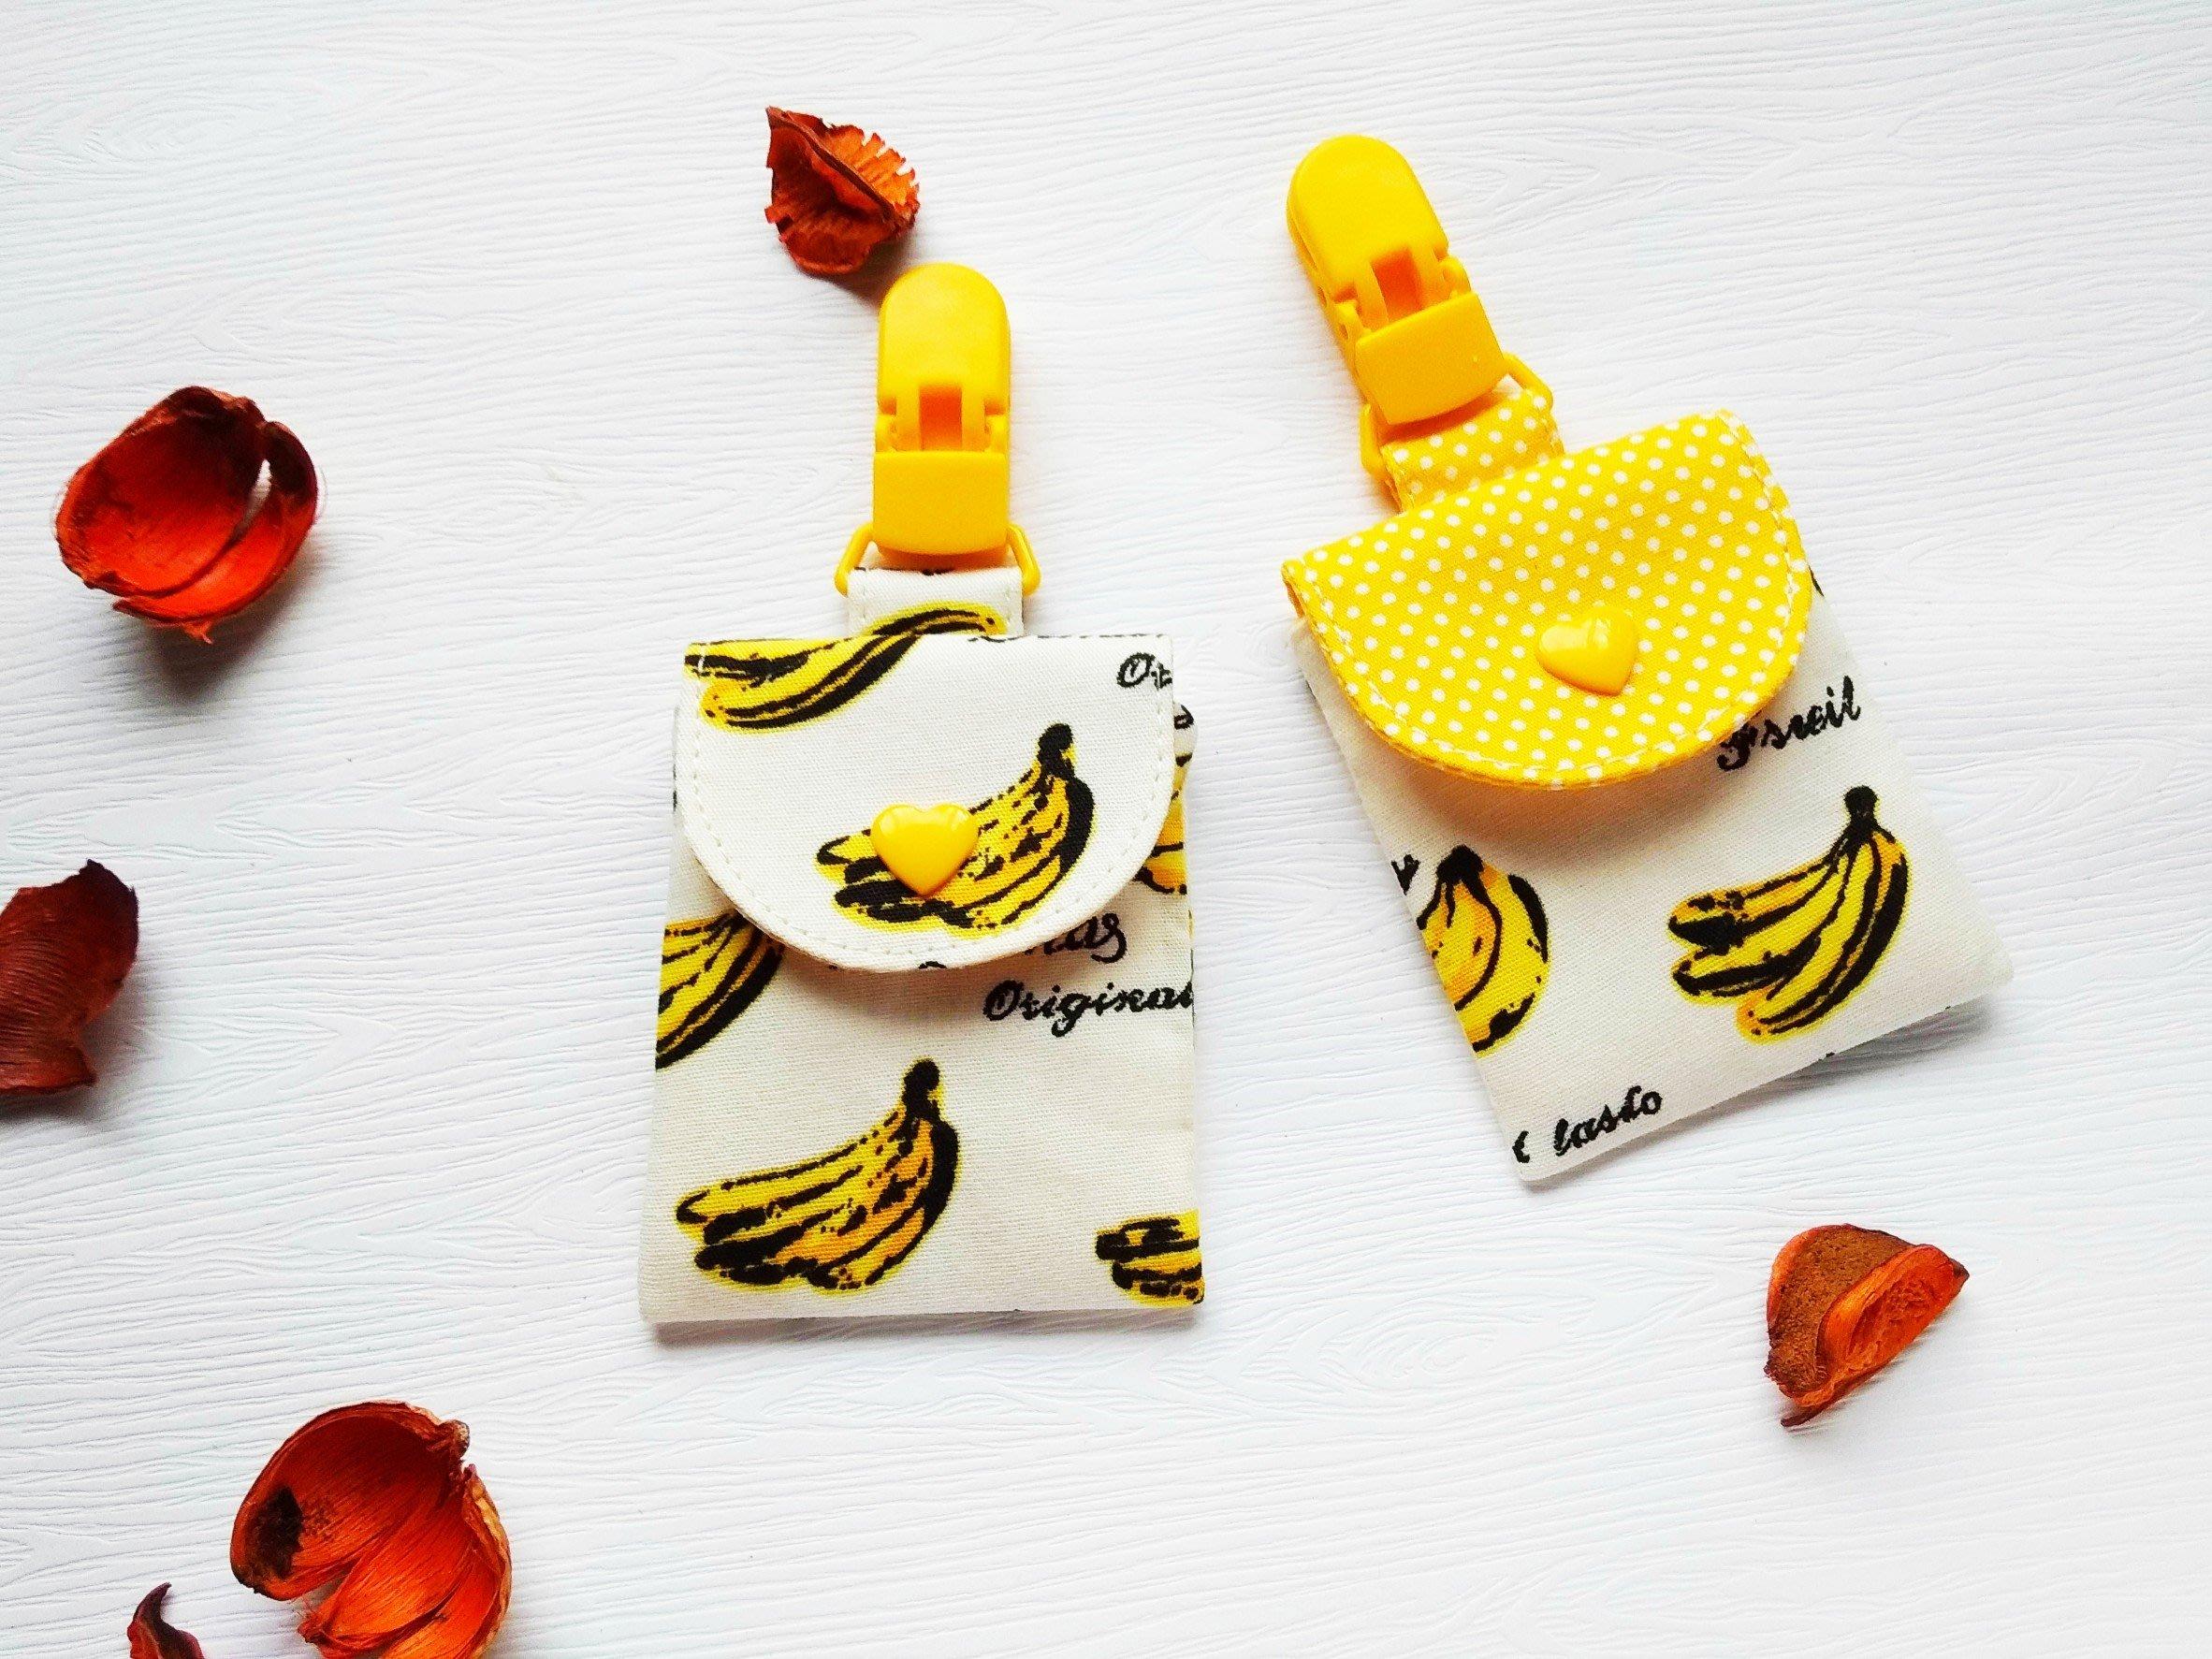 香蕉/平安符袋/香火袋/護身符/茉莉布手作/手工製作